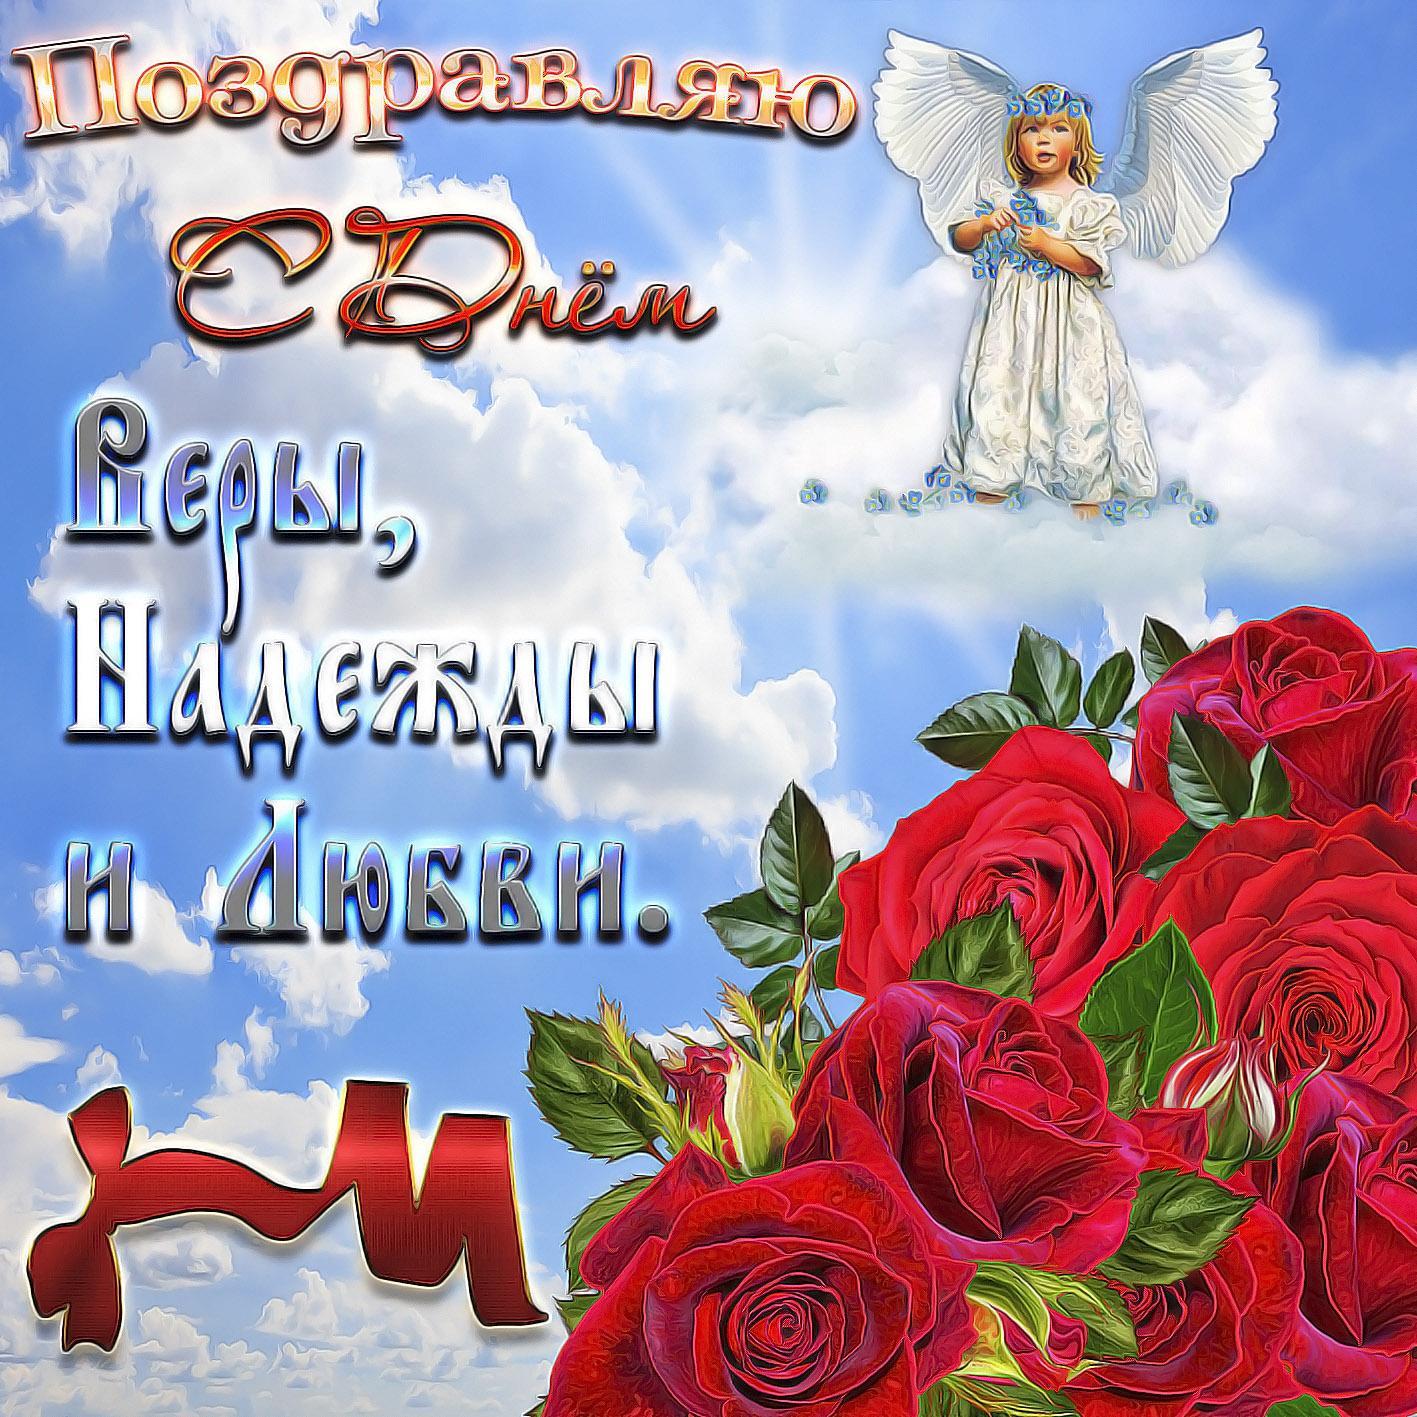 идет поздравить с днем ангела 30 сентября людей при